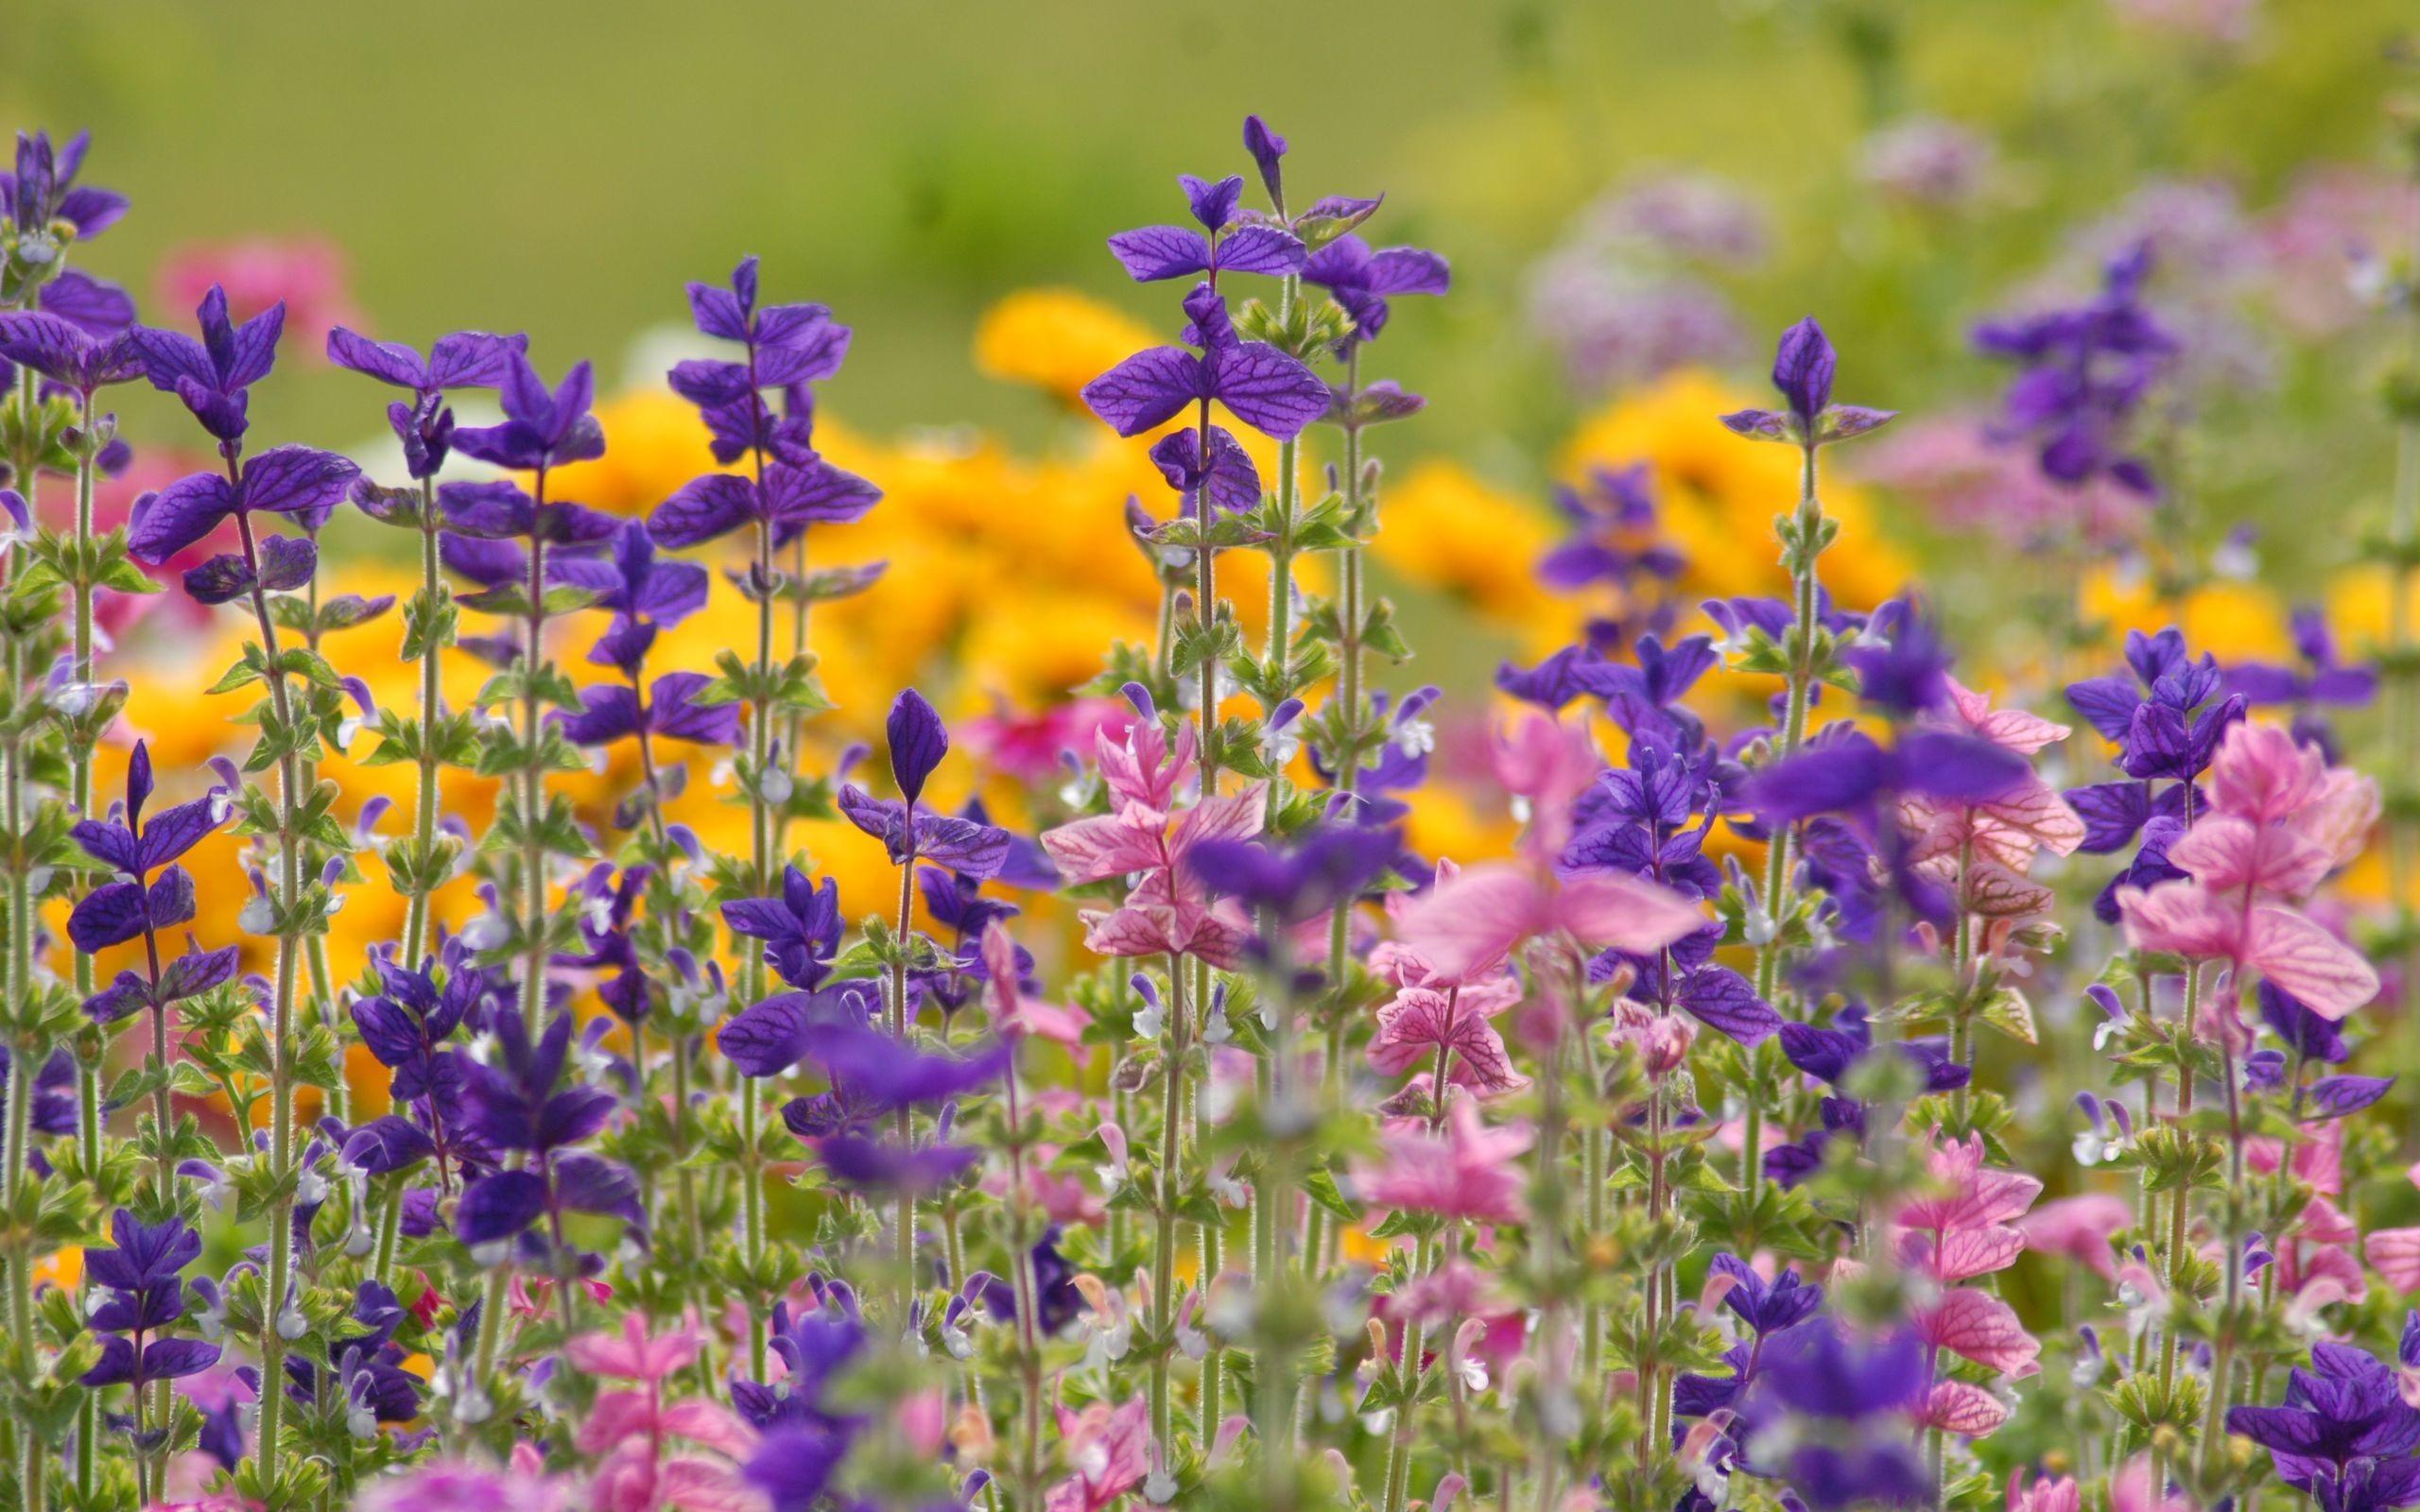 xem ảnh hoa dại đẹp nhất